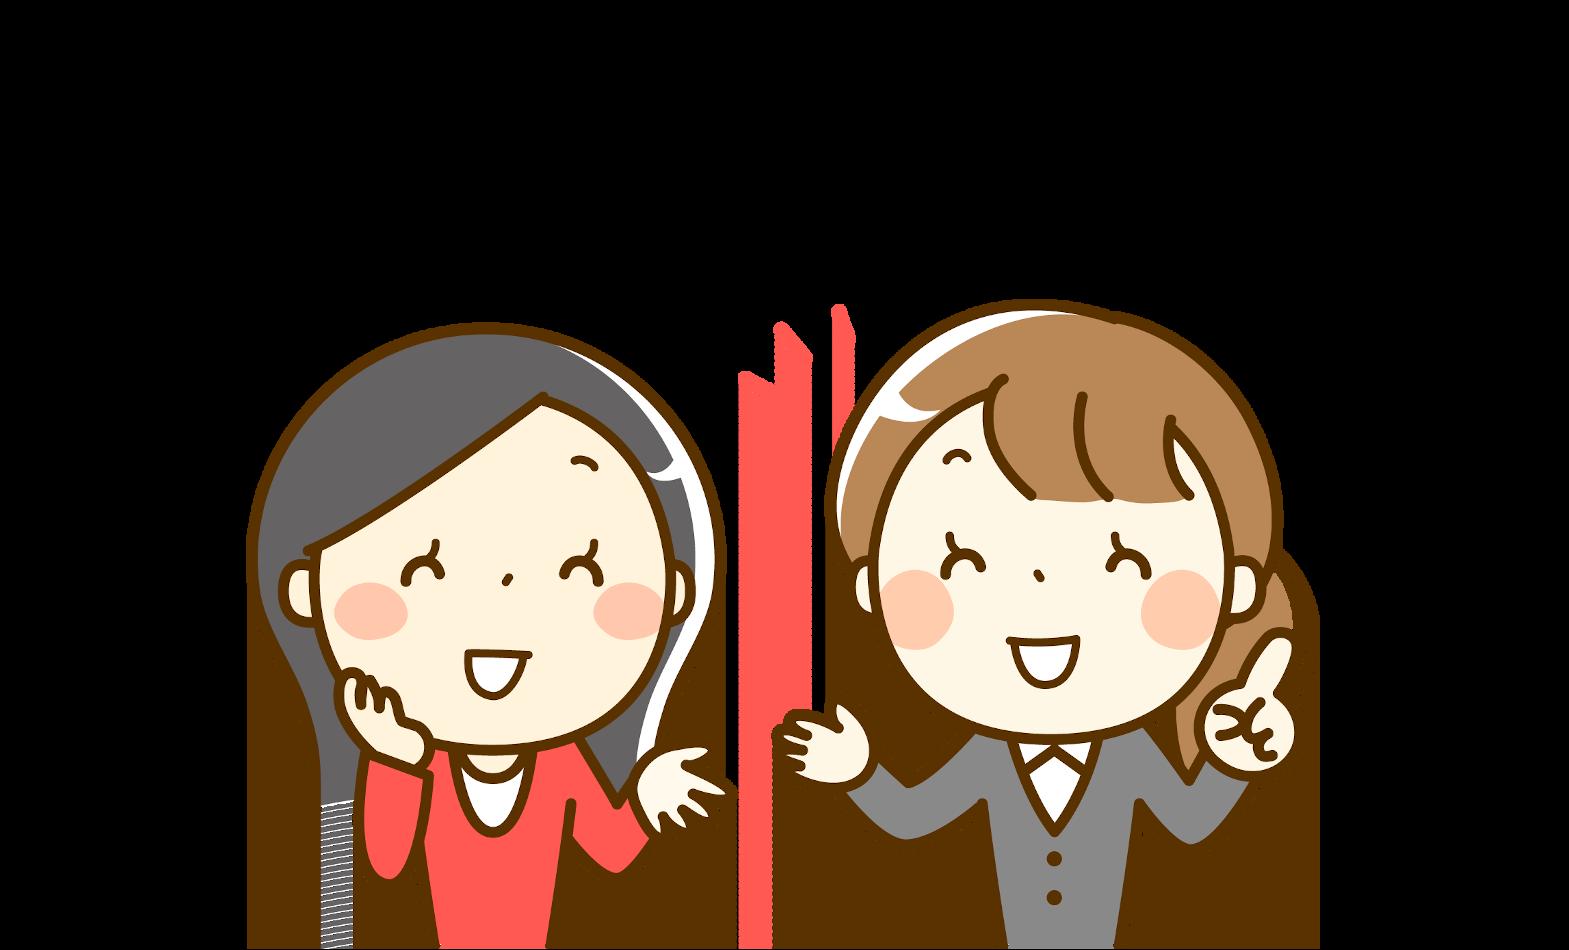 ベルリッツ韓国語コースを1か月間受講した口コミ・体験談